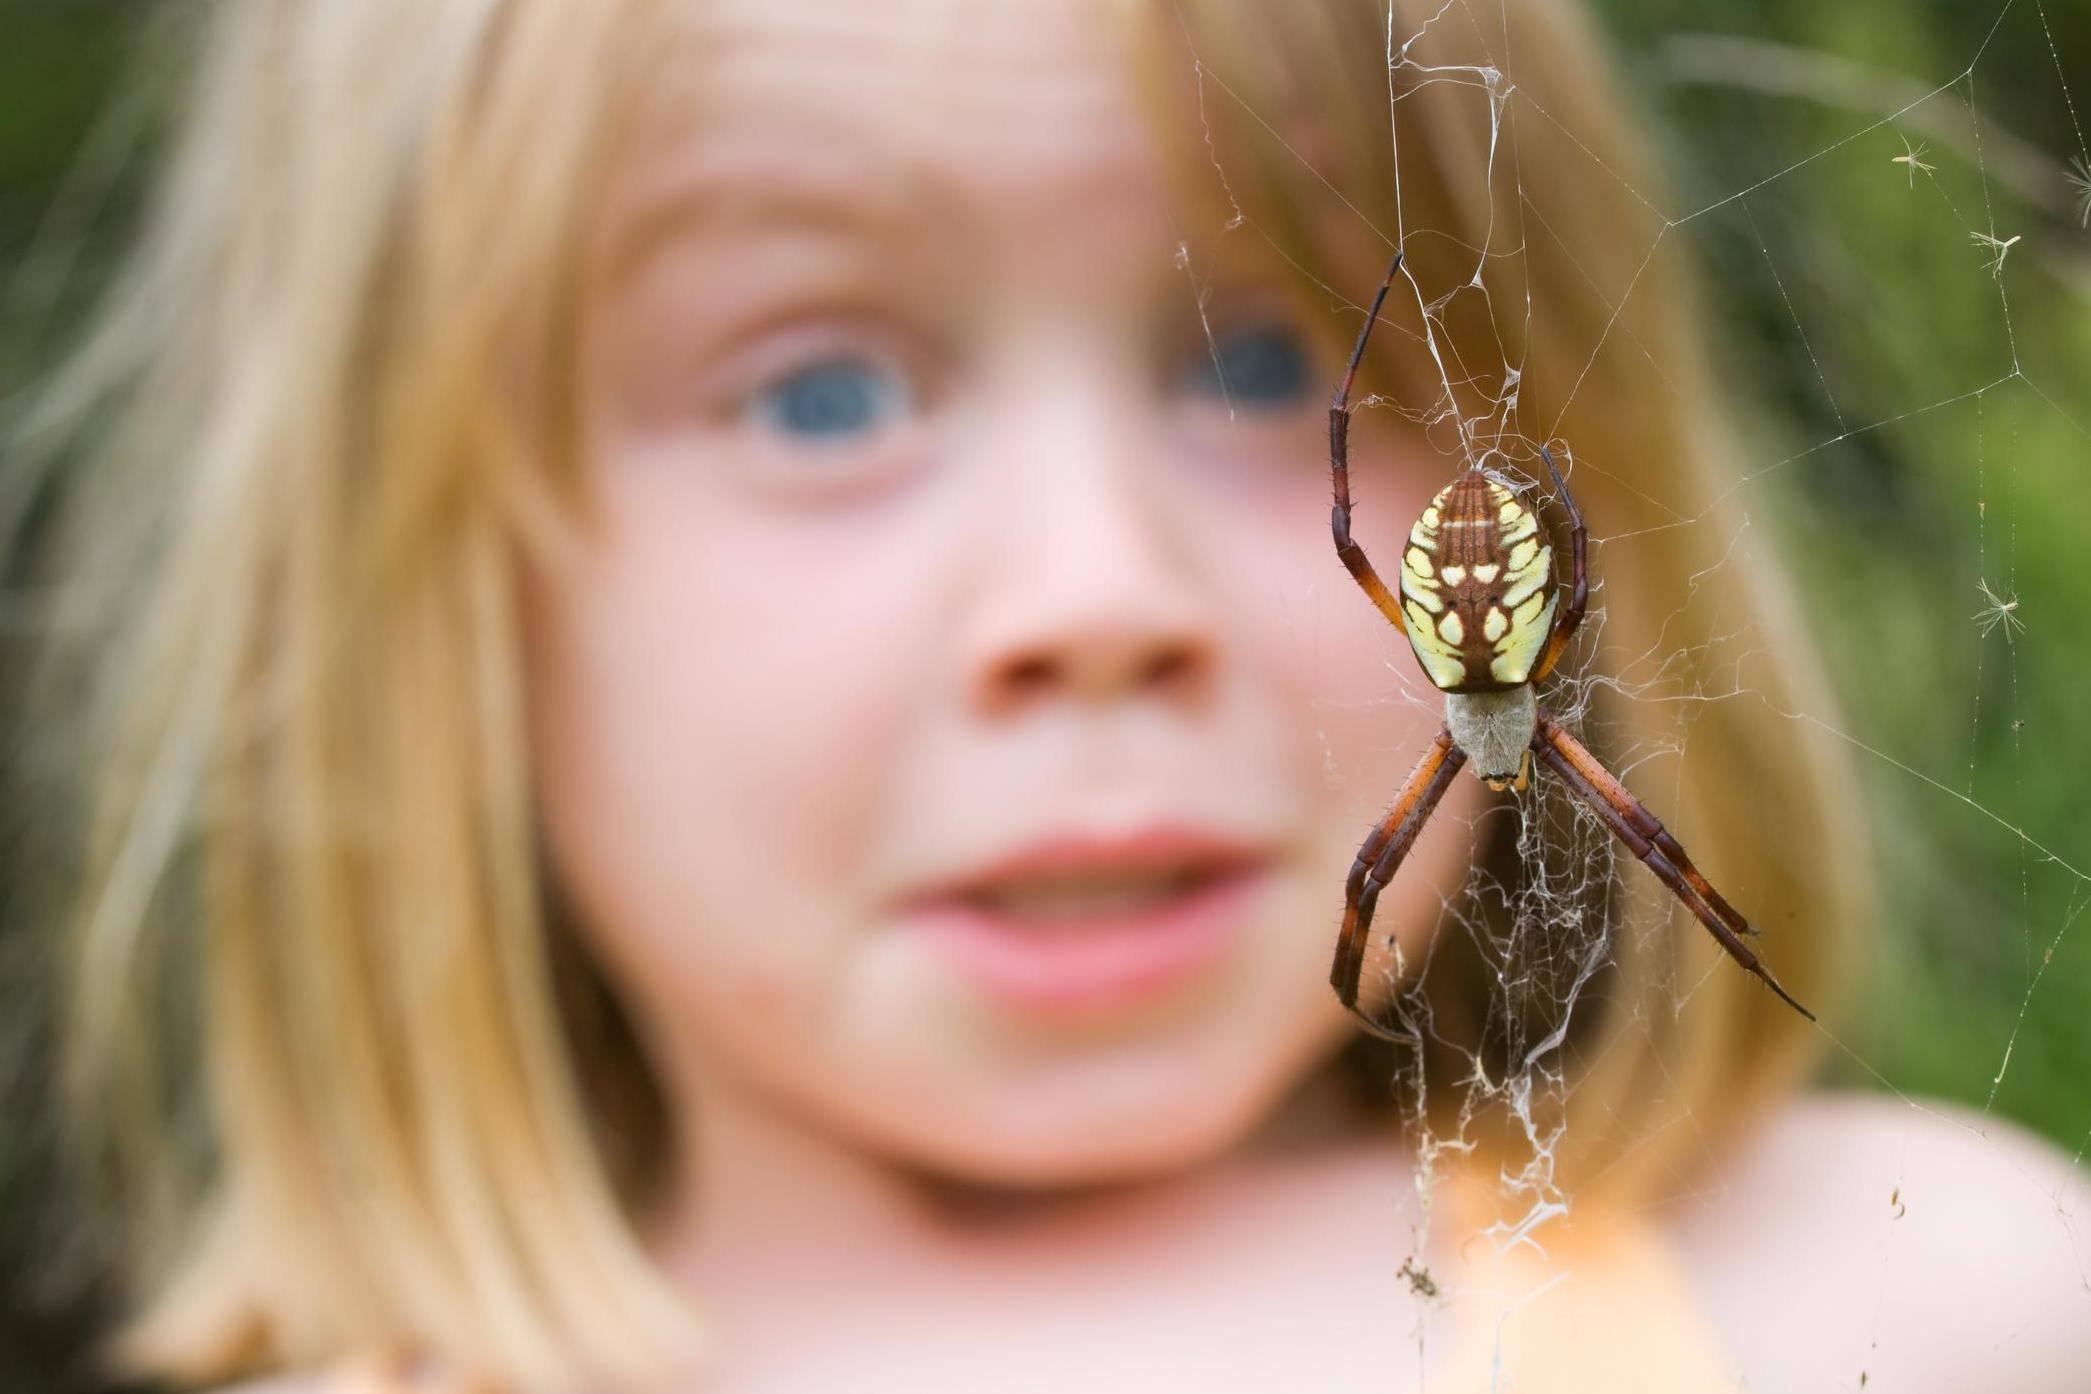 Причины и признаки боязни бабочек: что это за болезнь, лечение лепидоптерофобии